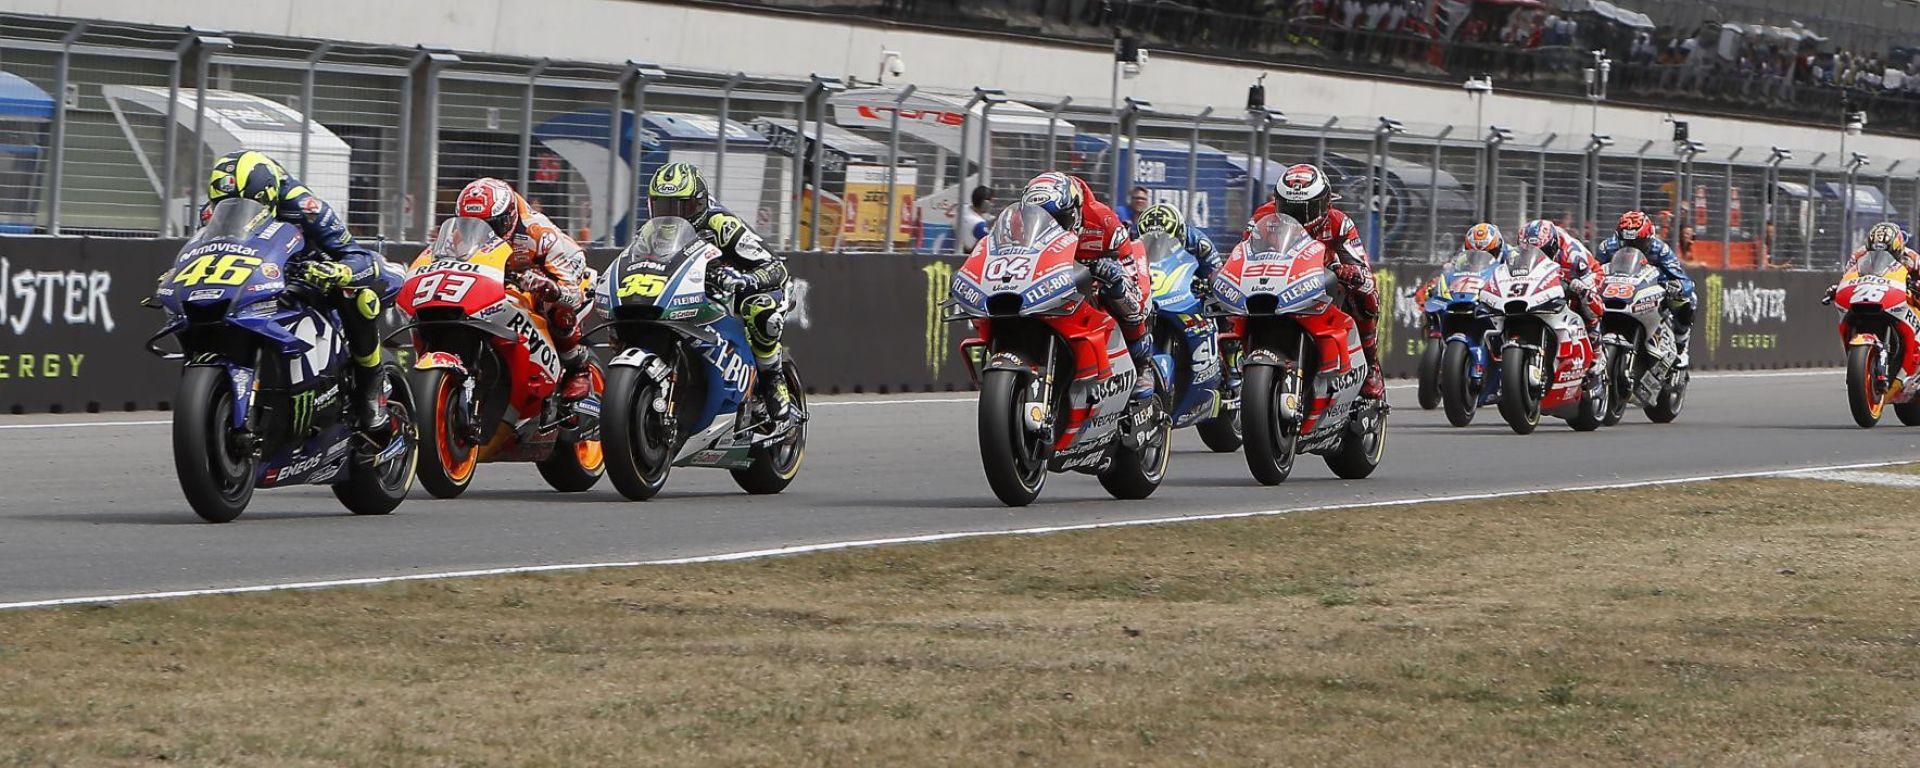 MotoGP Rep Ceca 2018, Brno, partenza